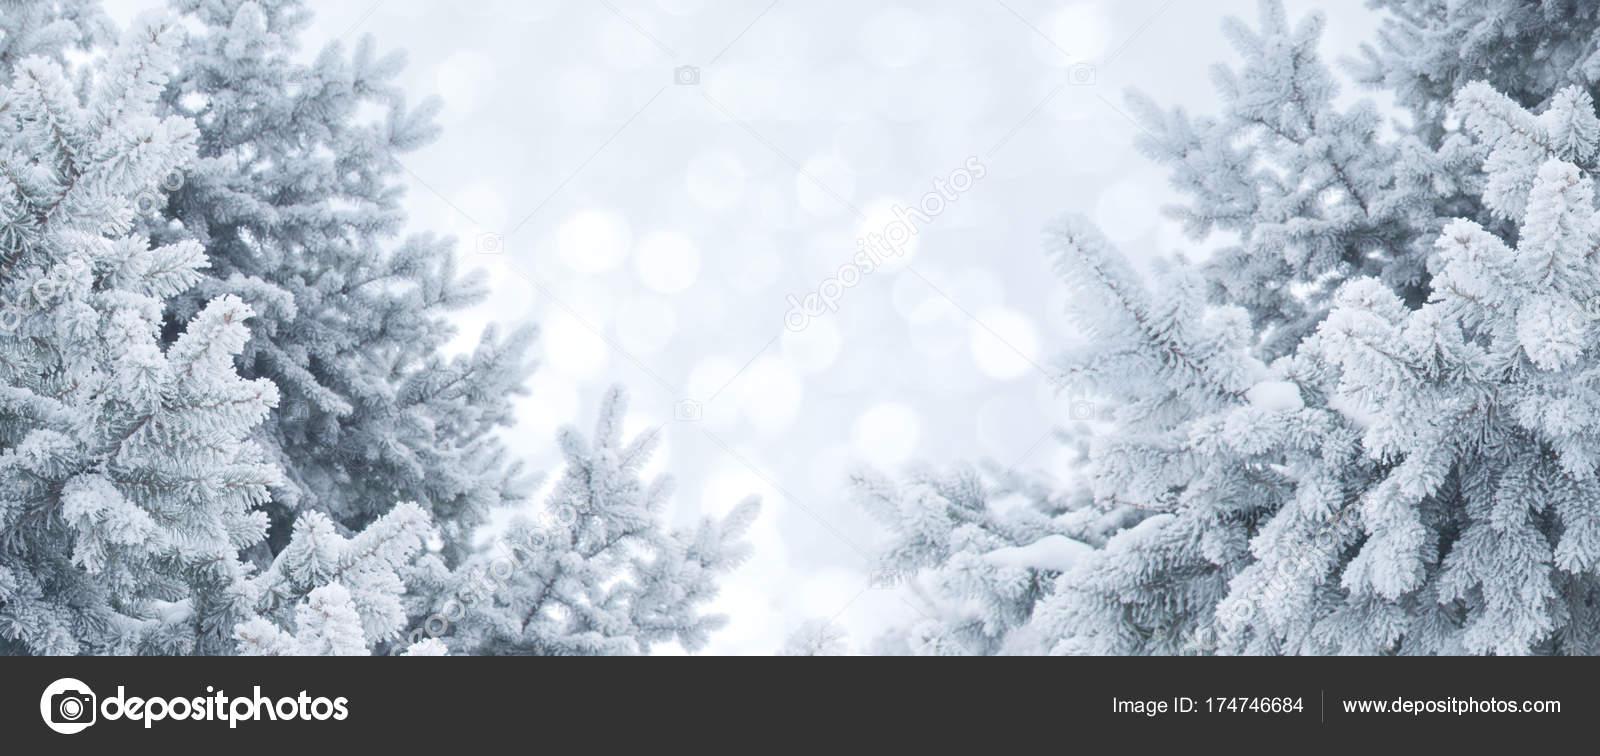 Abstrait Hiver Paysage Noël Avec Des Branches Pin Gel